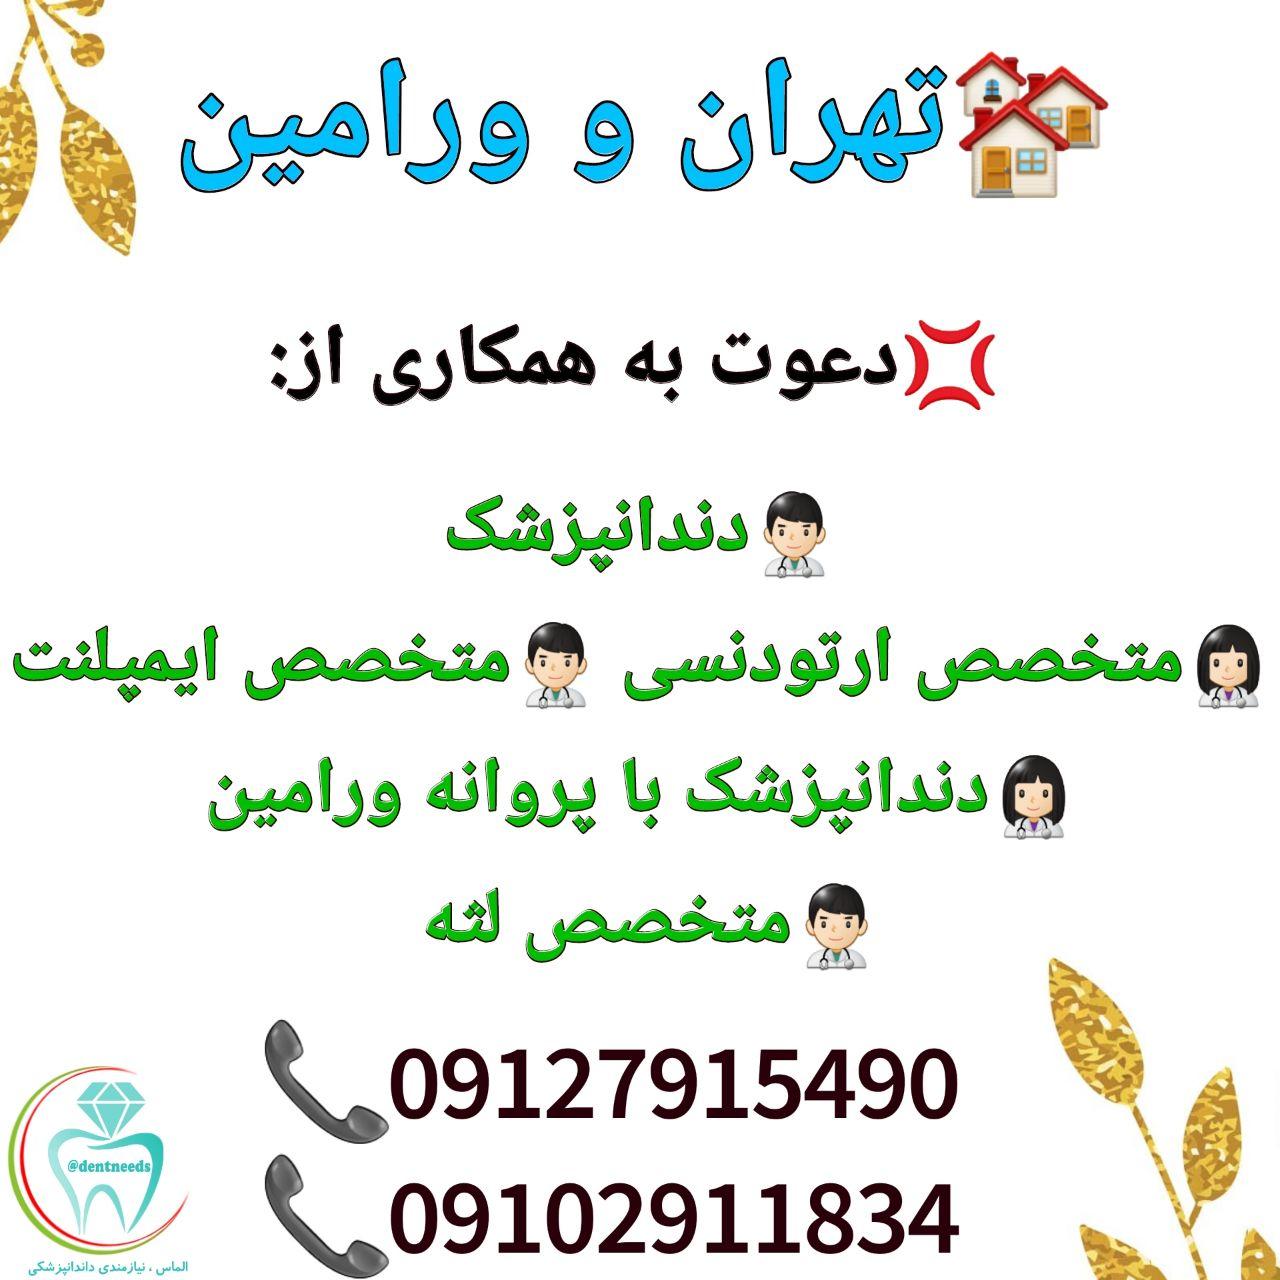 تهران و ورامین: نیاز به دندانپزشک، متخصص ارتودنسی، متخصص ایمپلنت، دندانپزشک با پروانه ورامین، و متخصص لثه